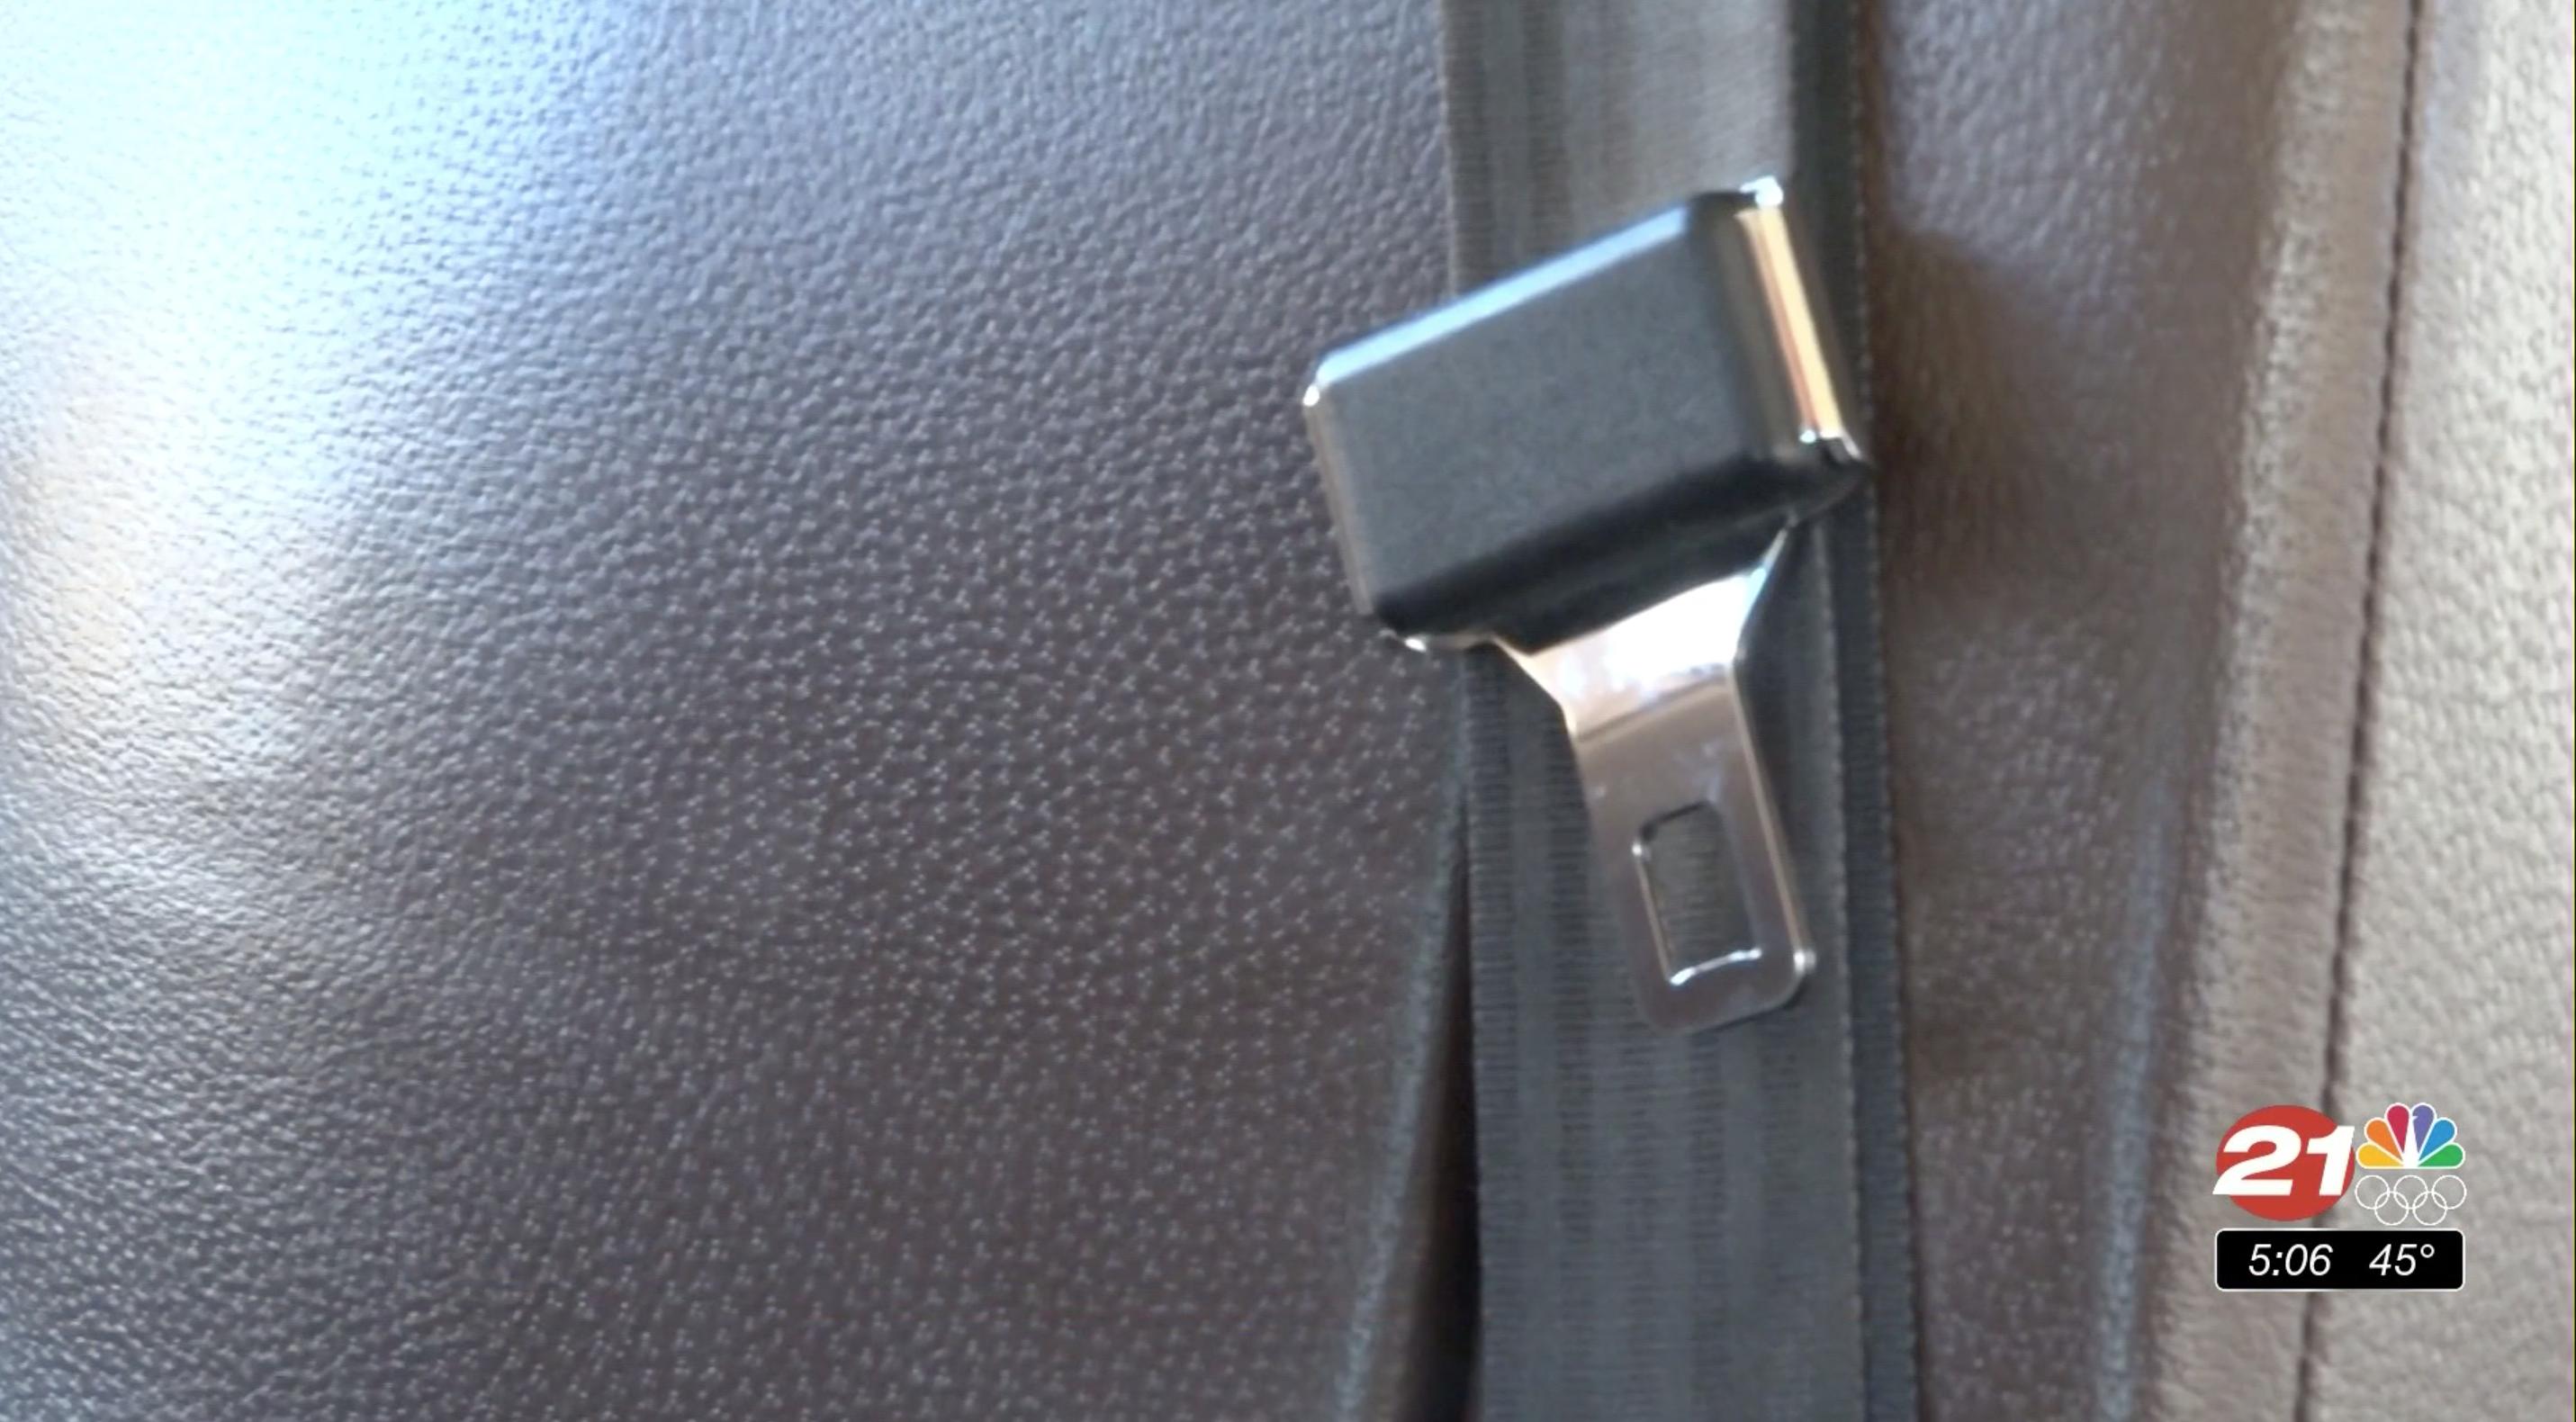 seatbelts on school buses